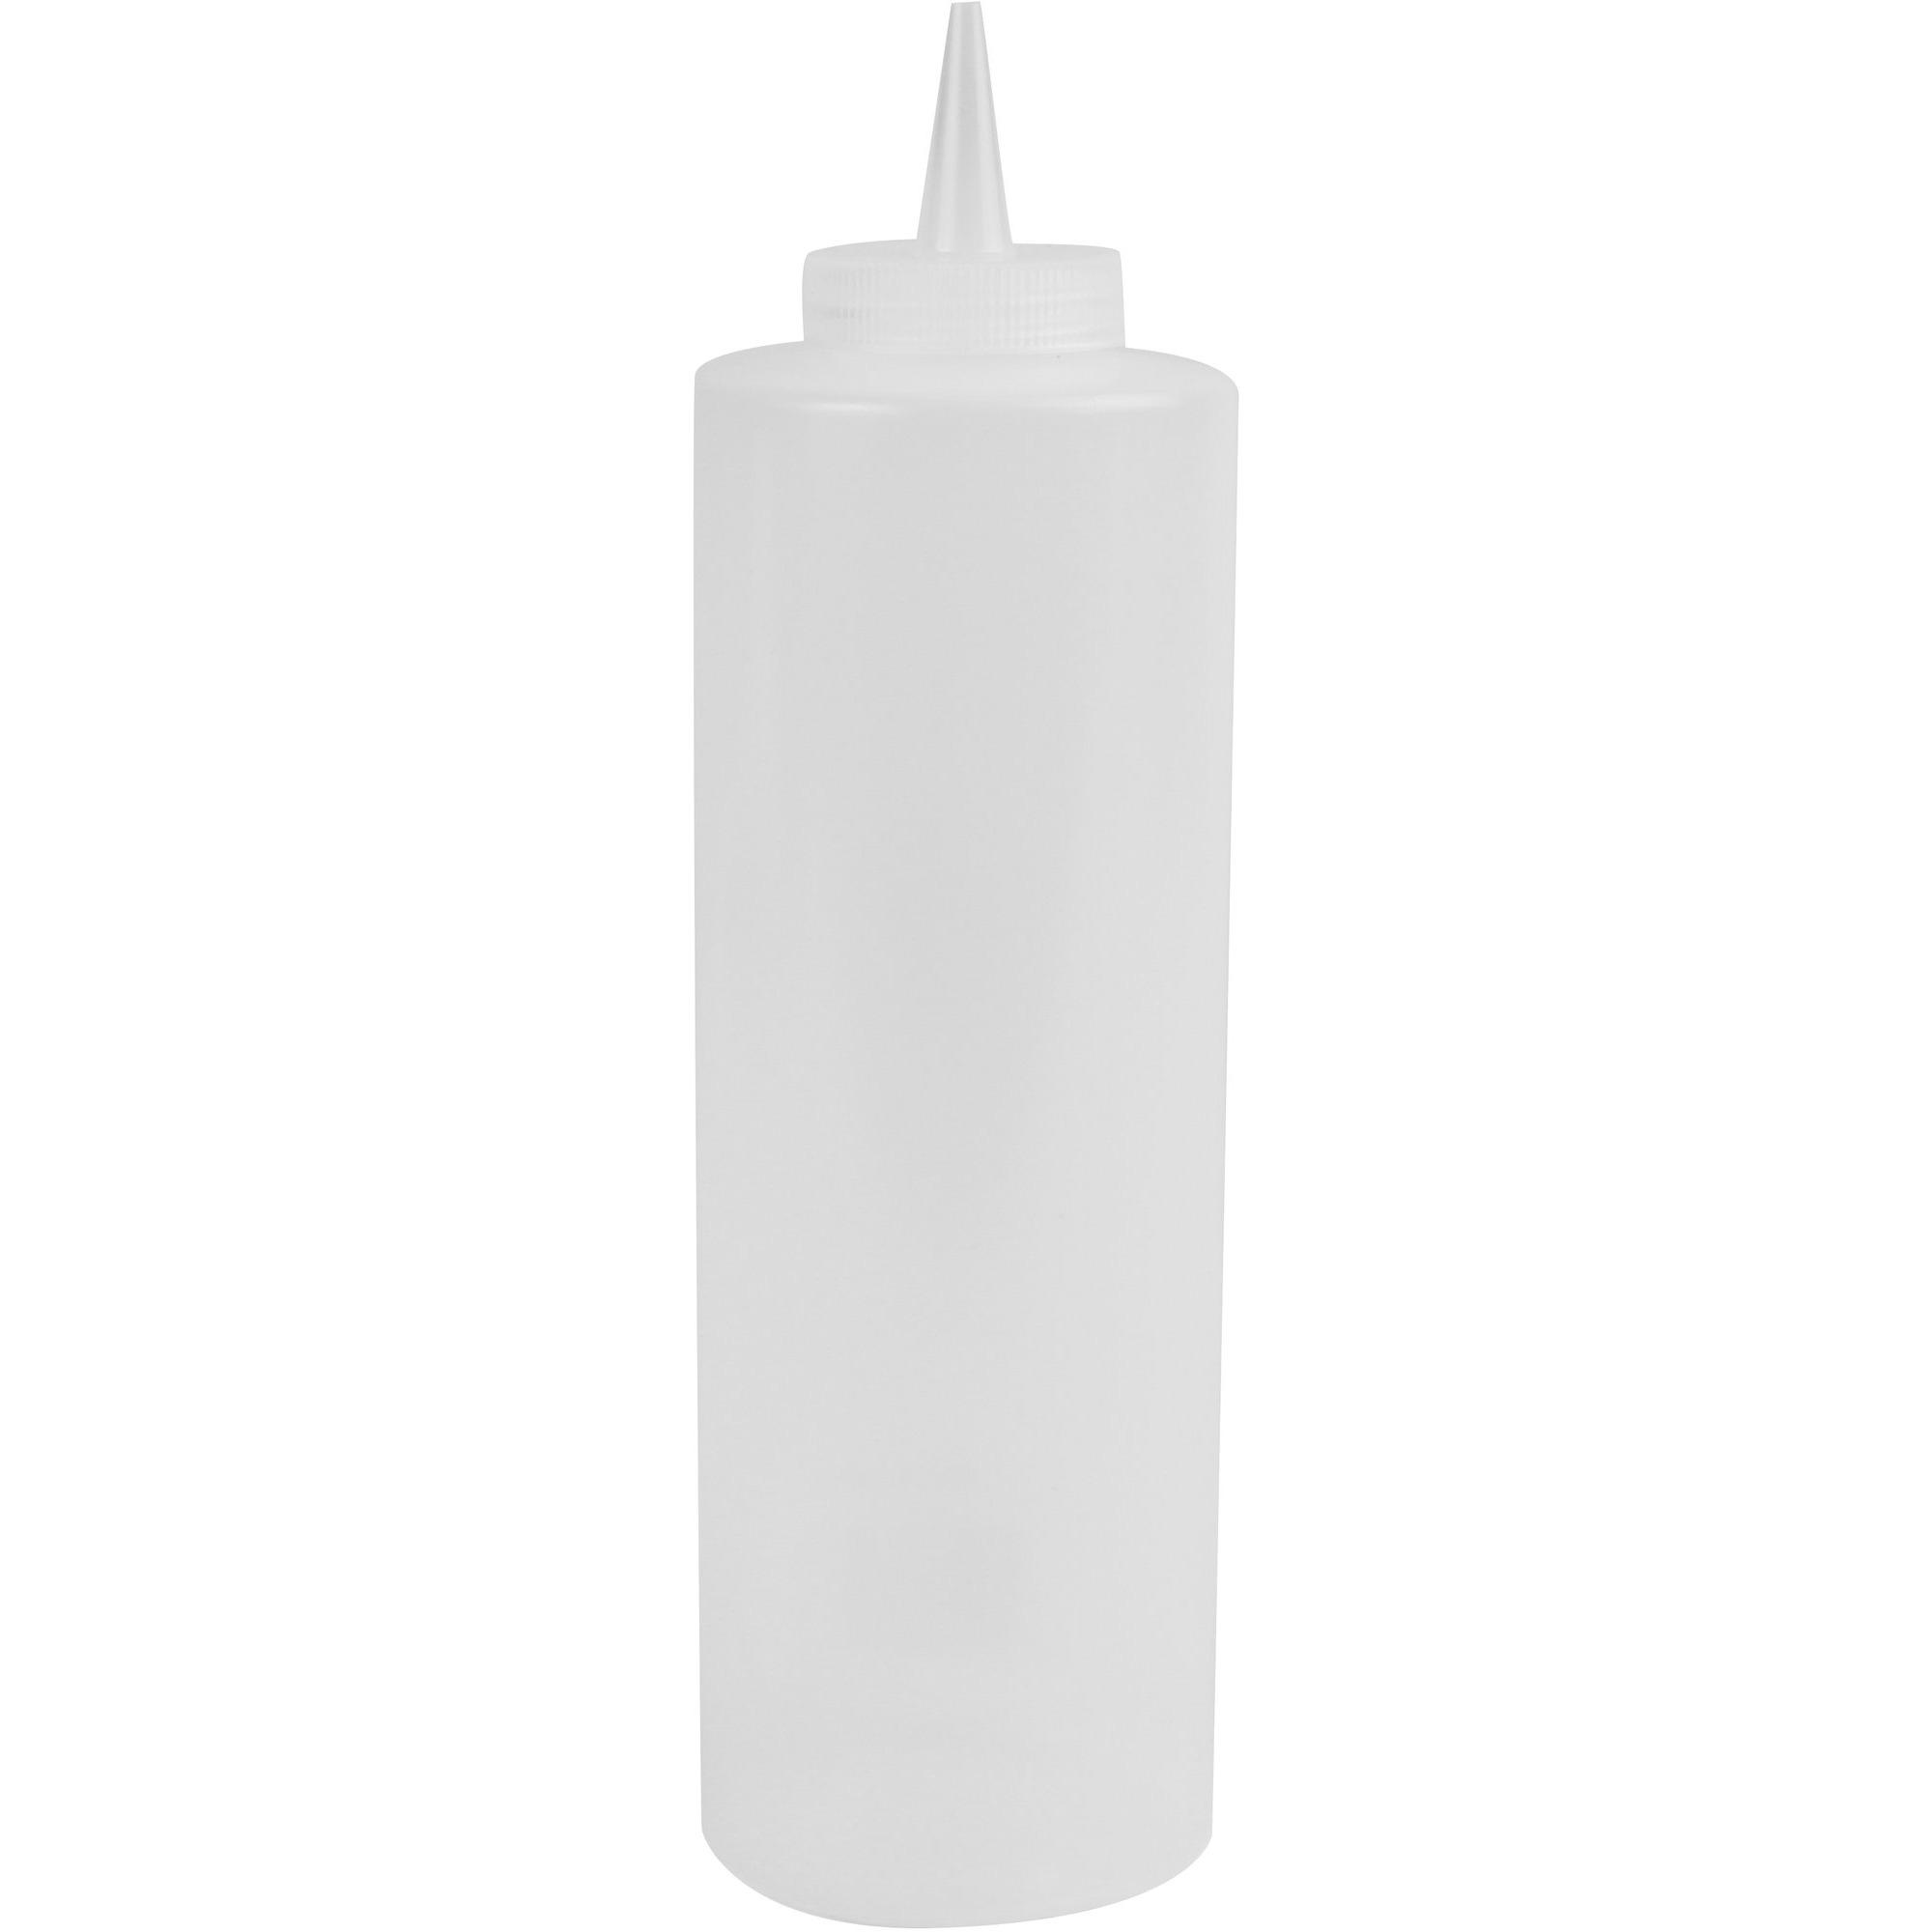 Bilde av Bbm Plastflaske Med Skrukork 0,68 Liter